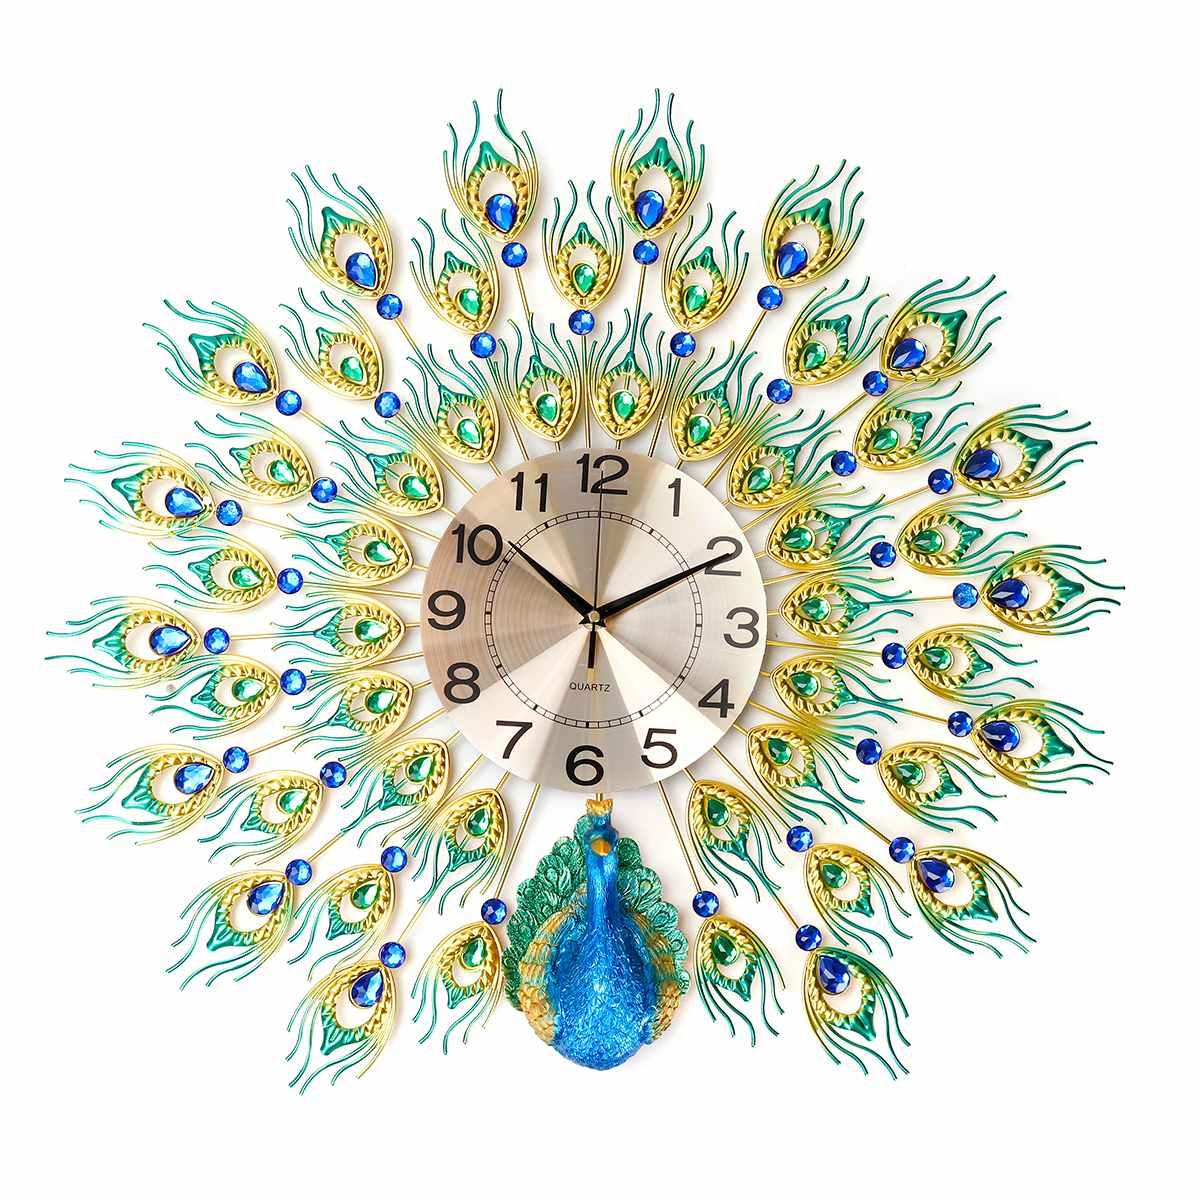 70x70cm bricolage 3D grand paon horloge murale en métal cristal diamant horloges montre ornements maison salon décoration artisanat cadeau - 2